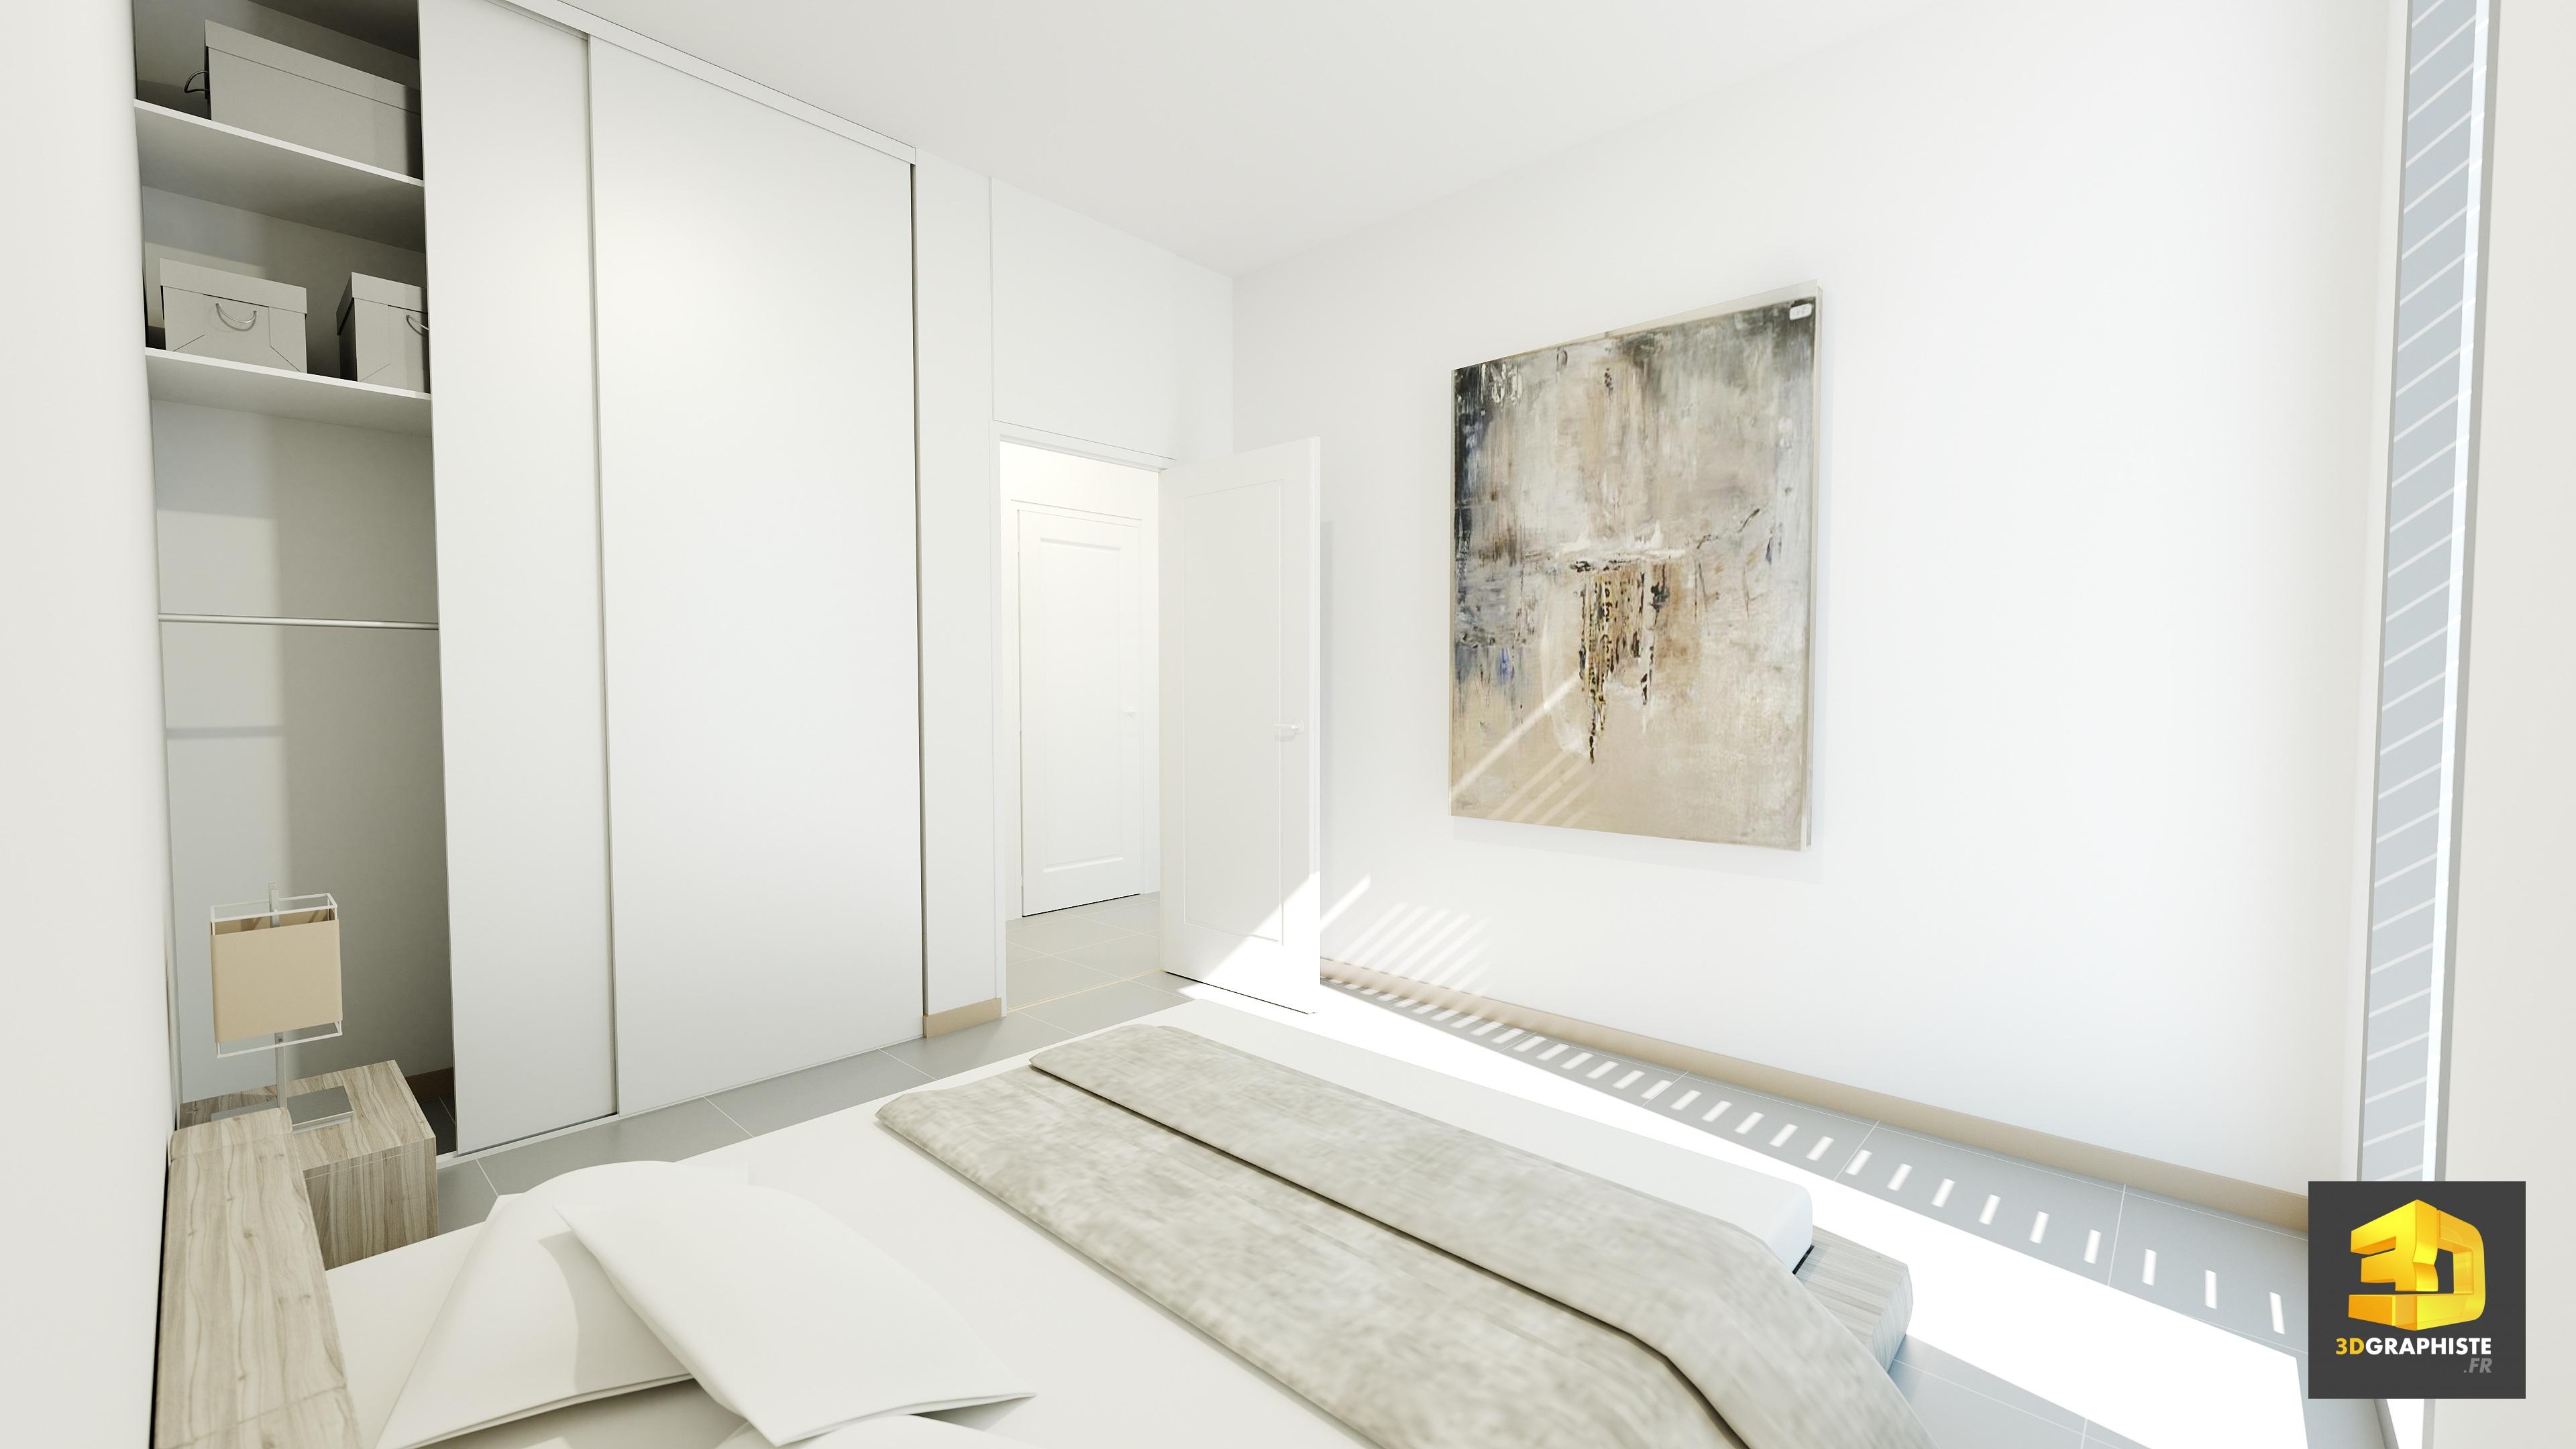 Perspective 3D interieure - chambre a coucher - 3DGRAPHISTE.FR